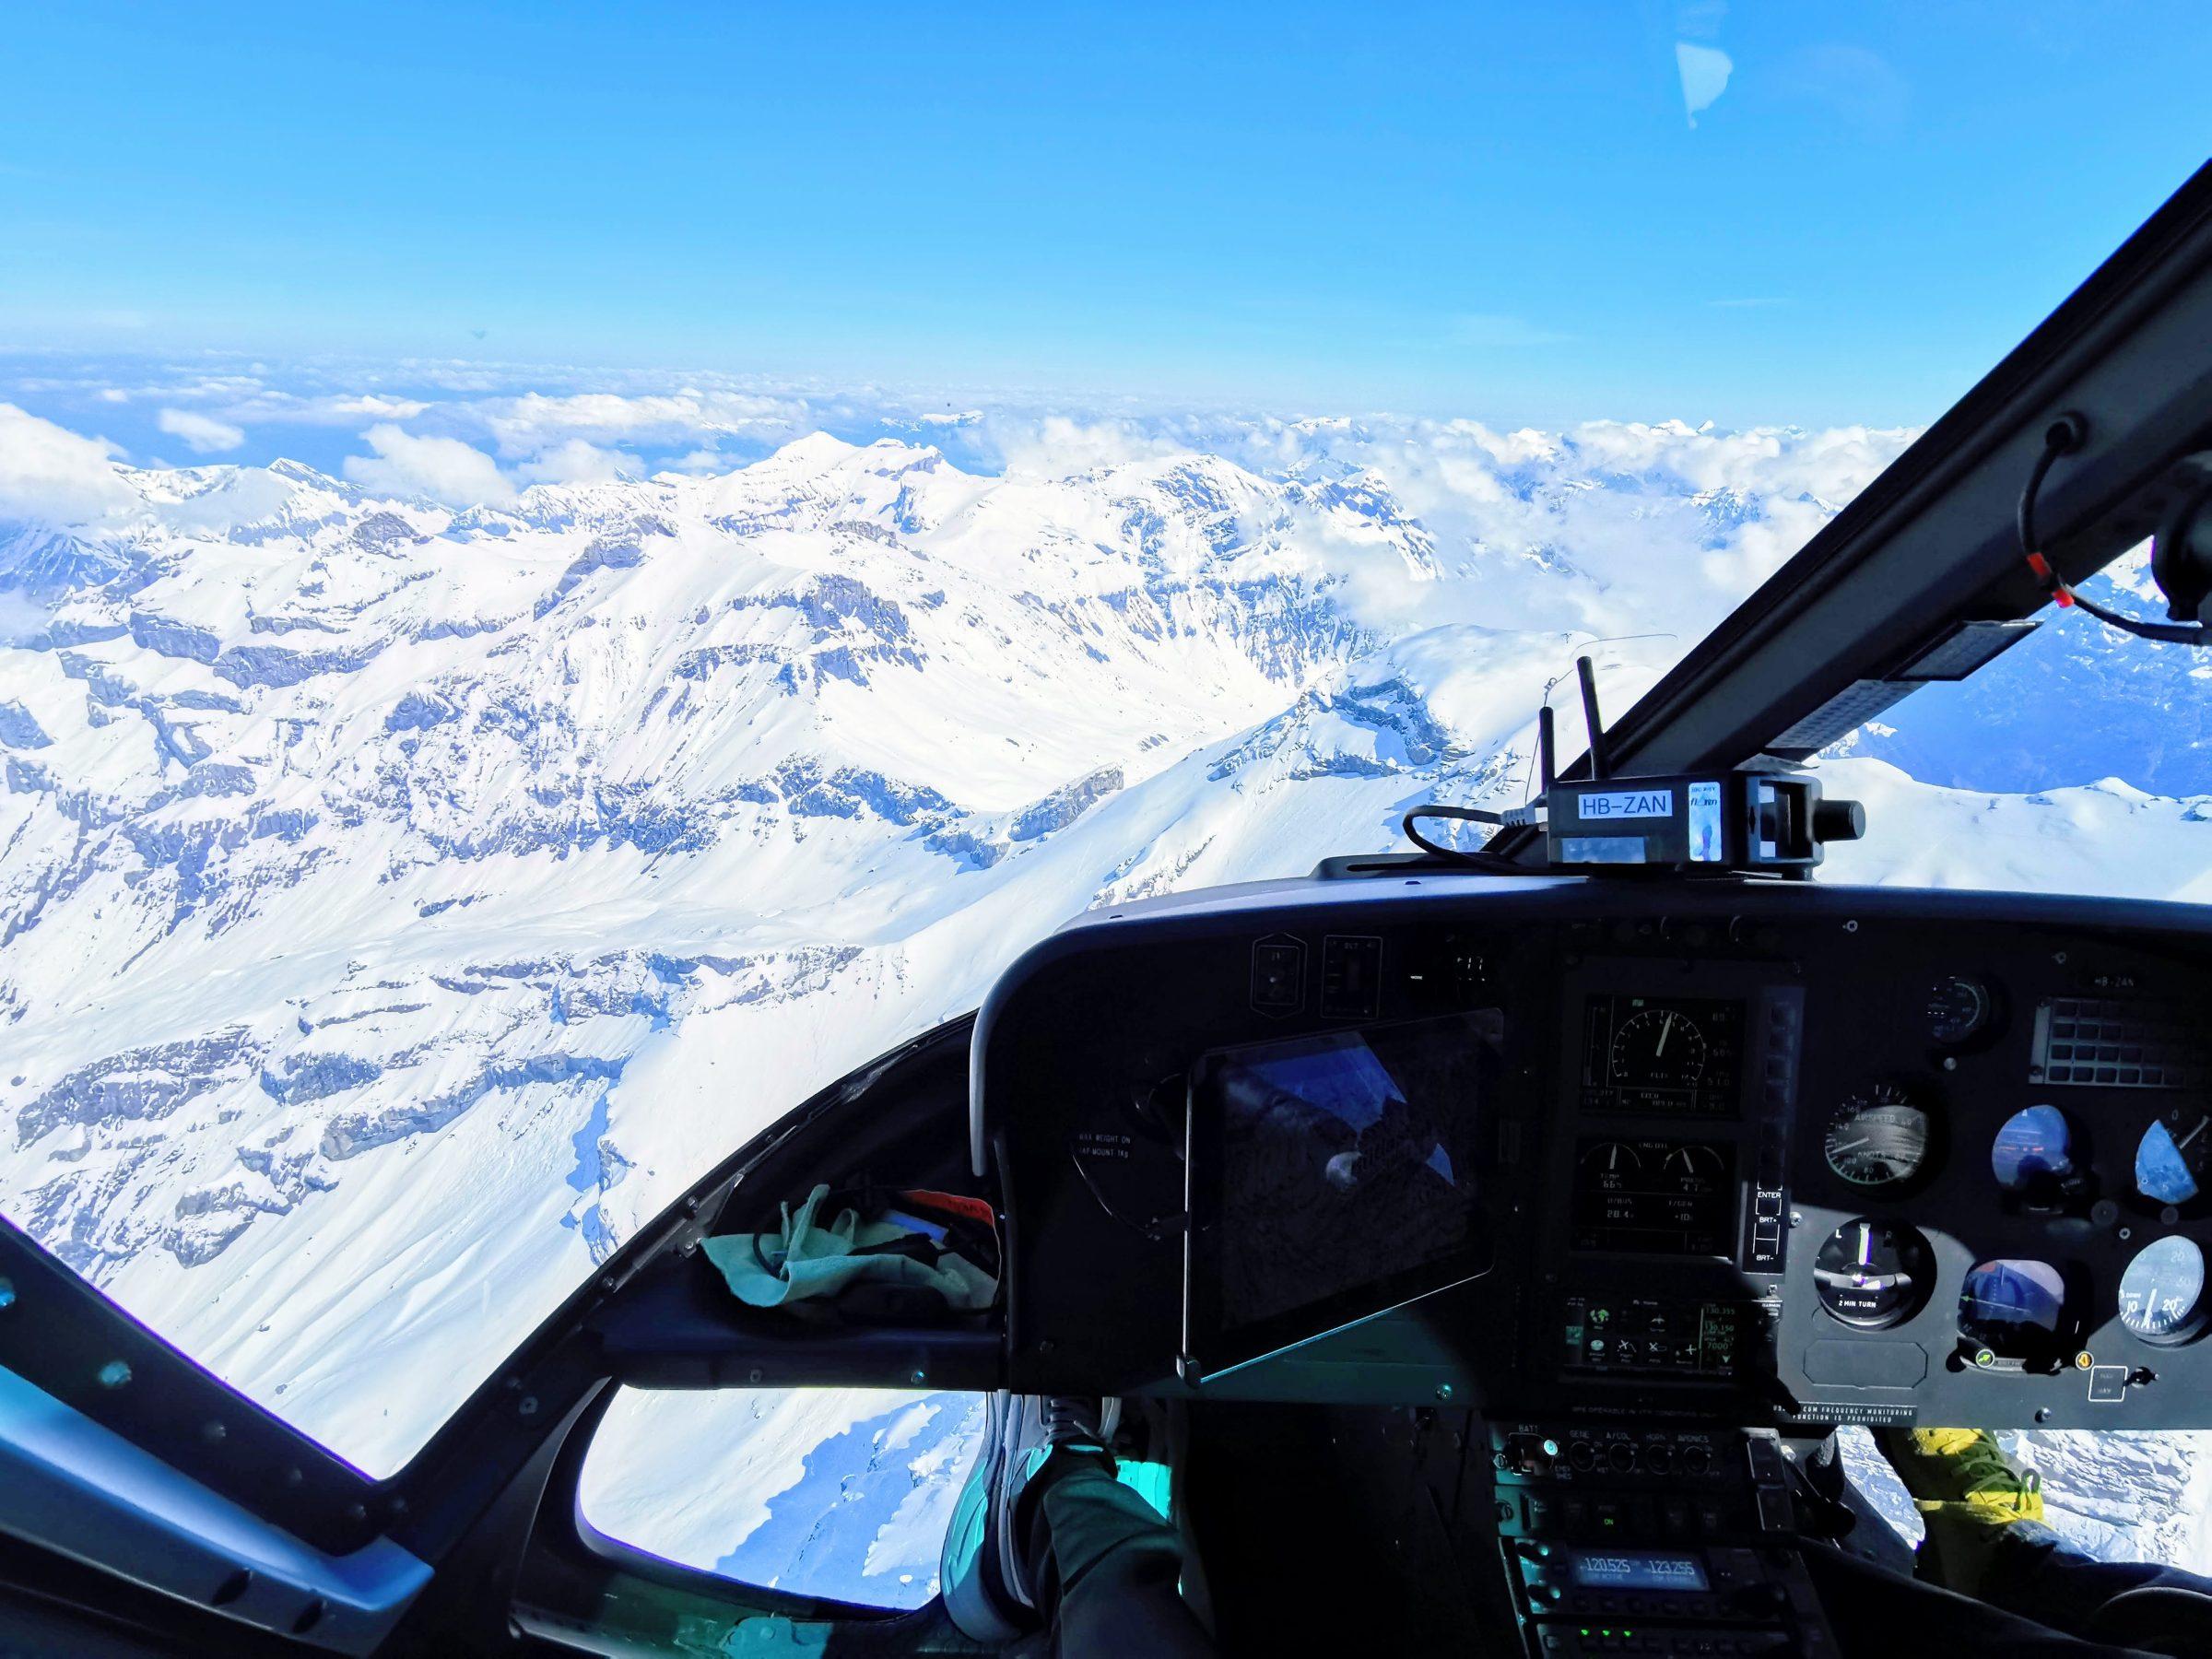 20 minuten lang was dit mijn uitzicht vanuit de cockpit van de helicopter